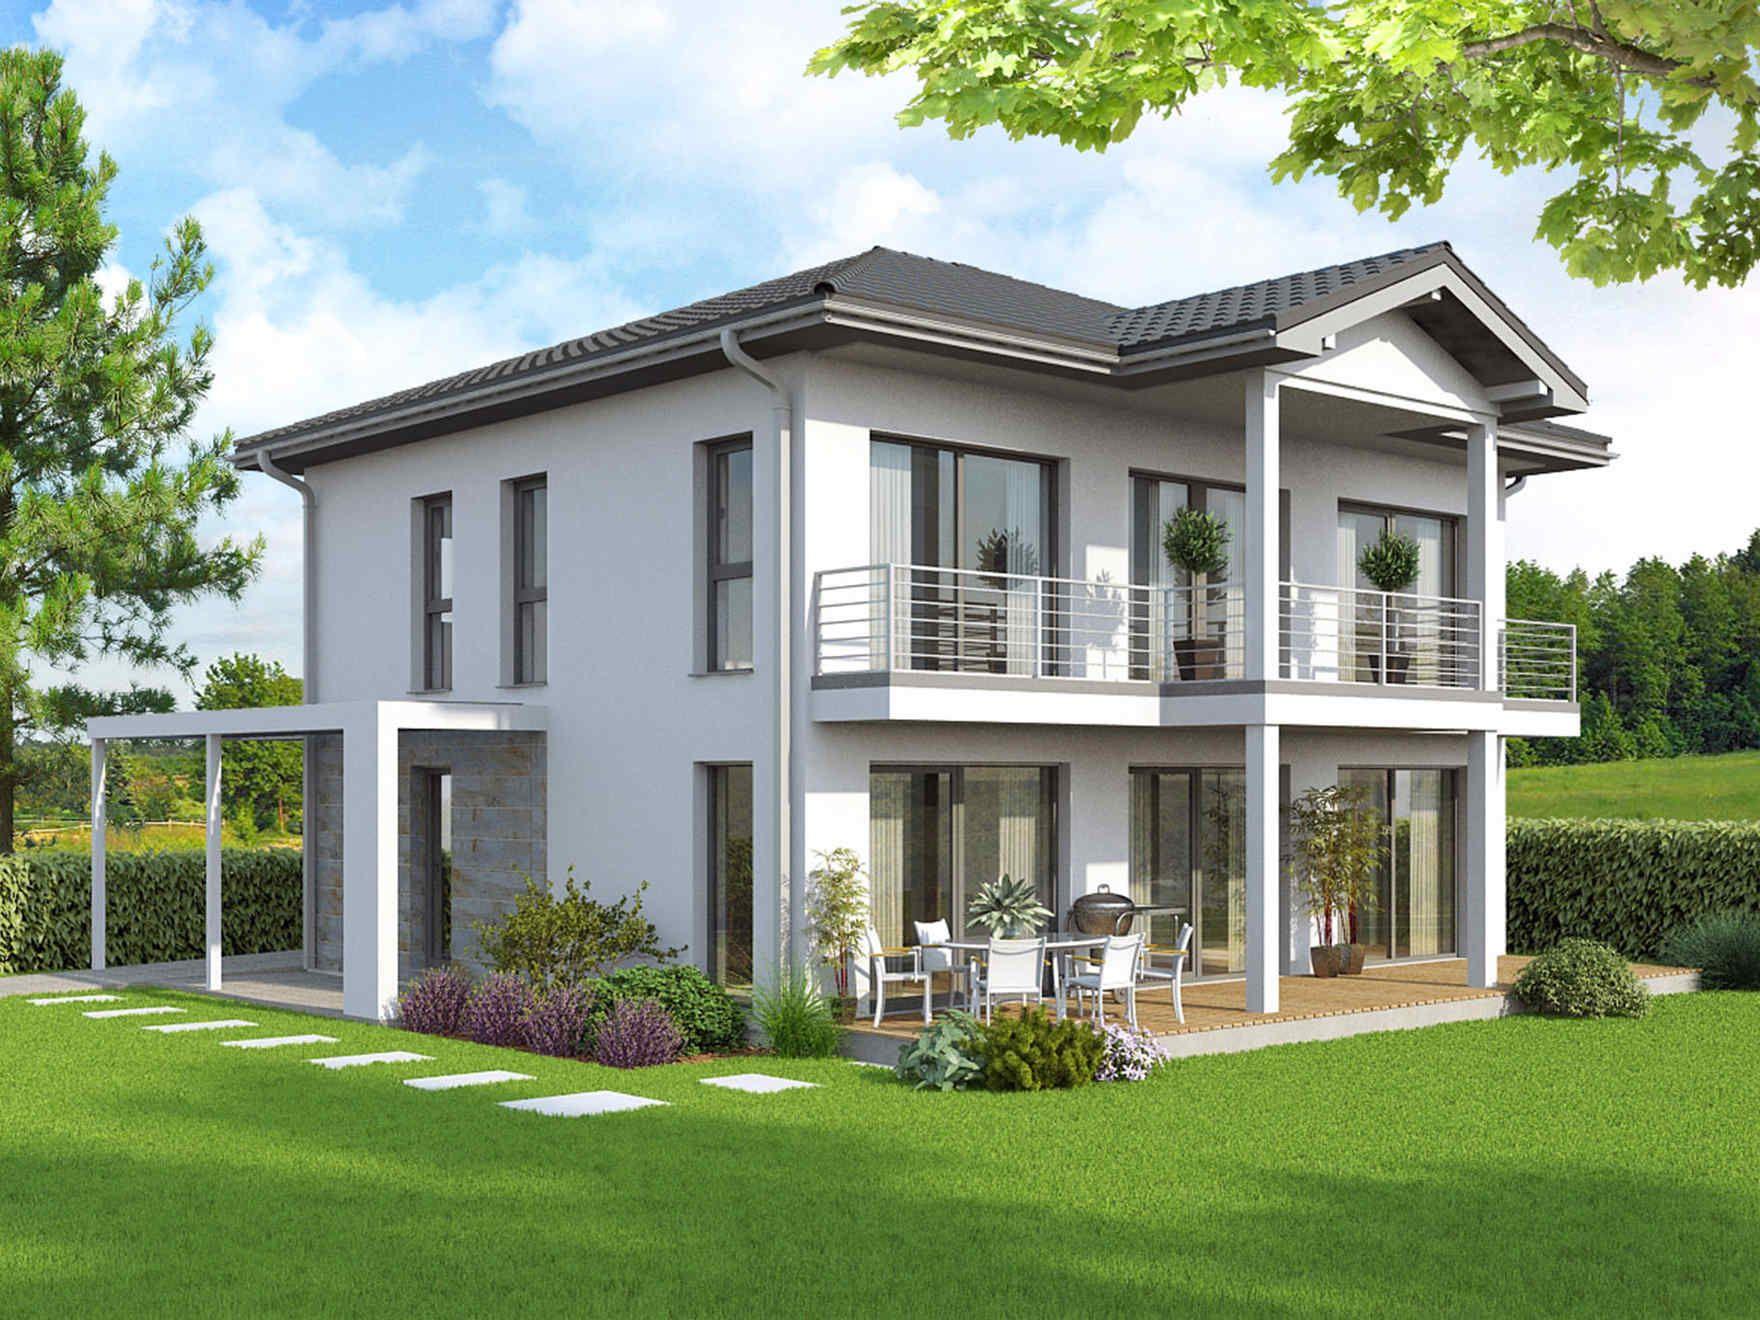 vario haus new design v gibtdemlebeneinzuhause einfamilienhaus fertighaus fertigteilhaus. Black Bedroom Furniture Sets. Home Design Ideas